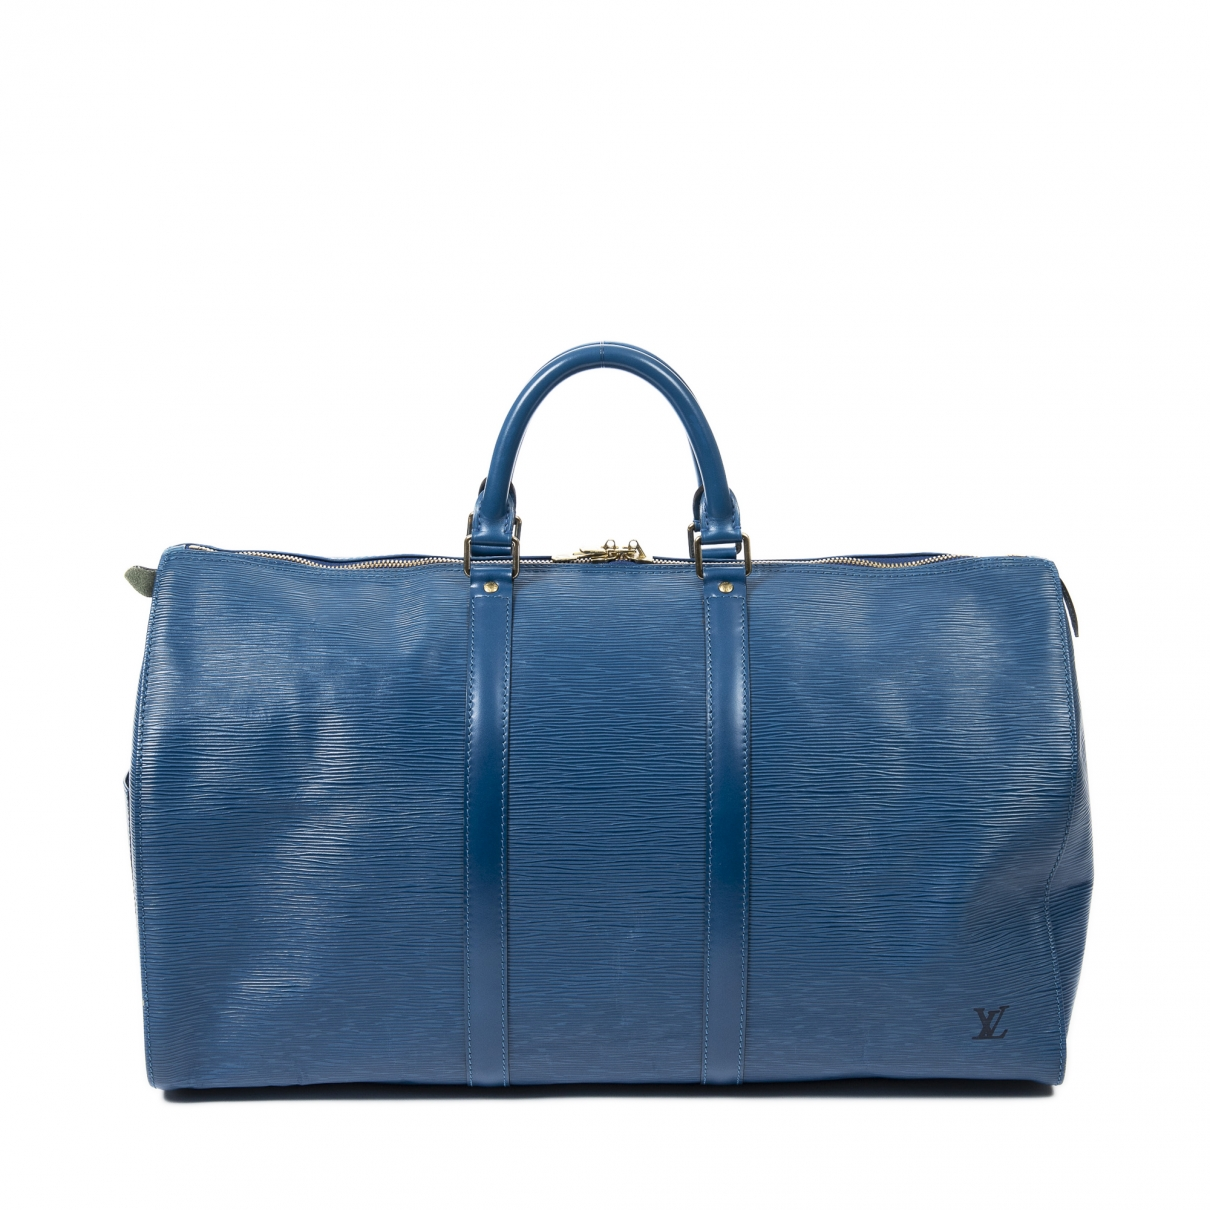 Louis Vuitton Keepall Reisetasche in  Blau Leder